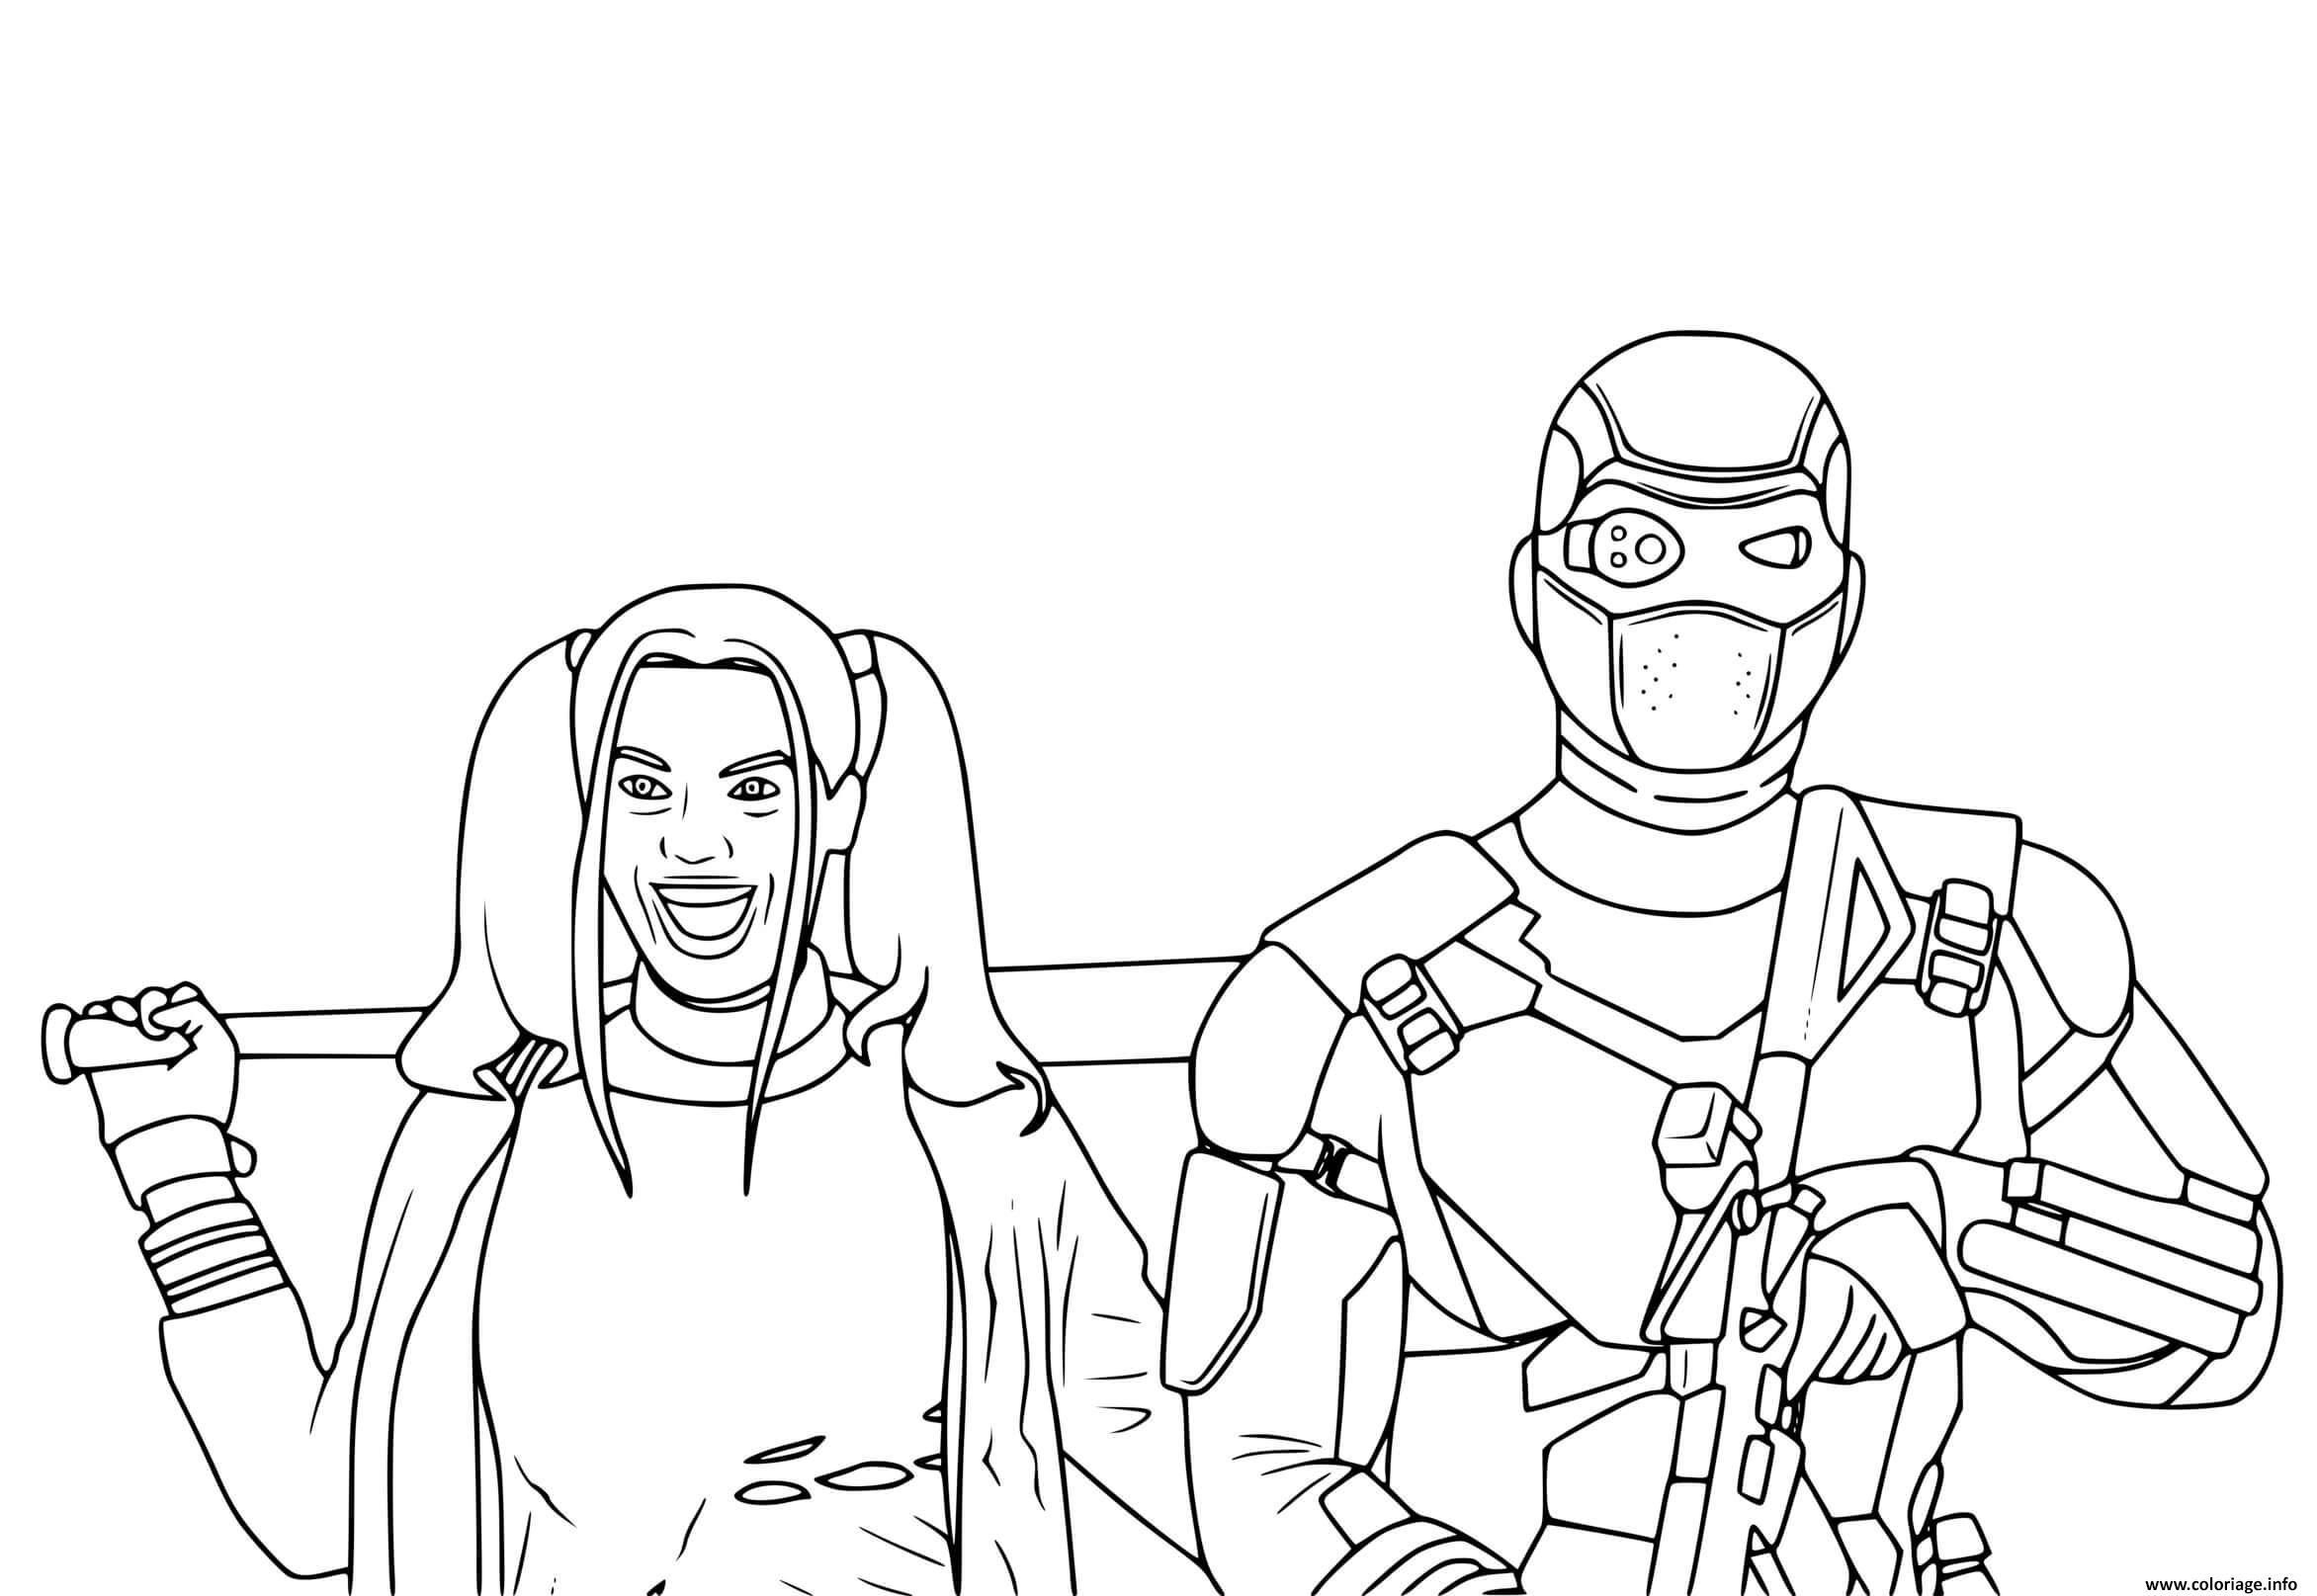 Dessin Deadshot et Harley Quinn du film Suicide Squad Coloriage Gratuit à Imprimer